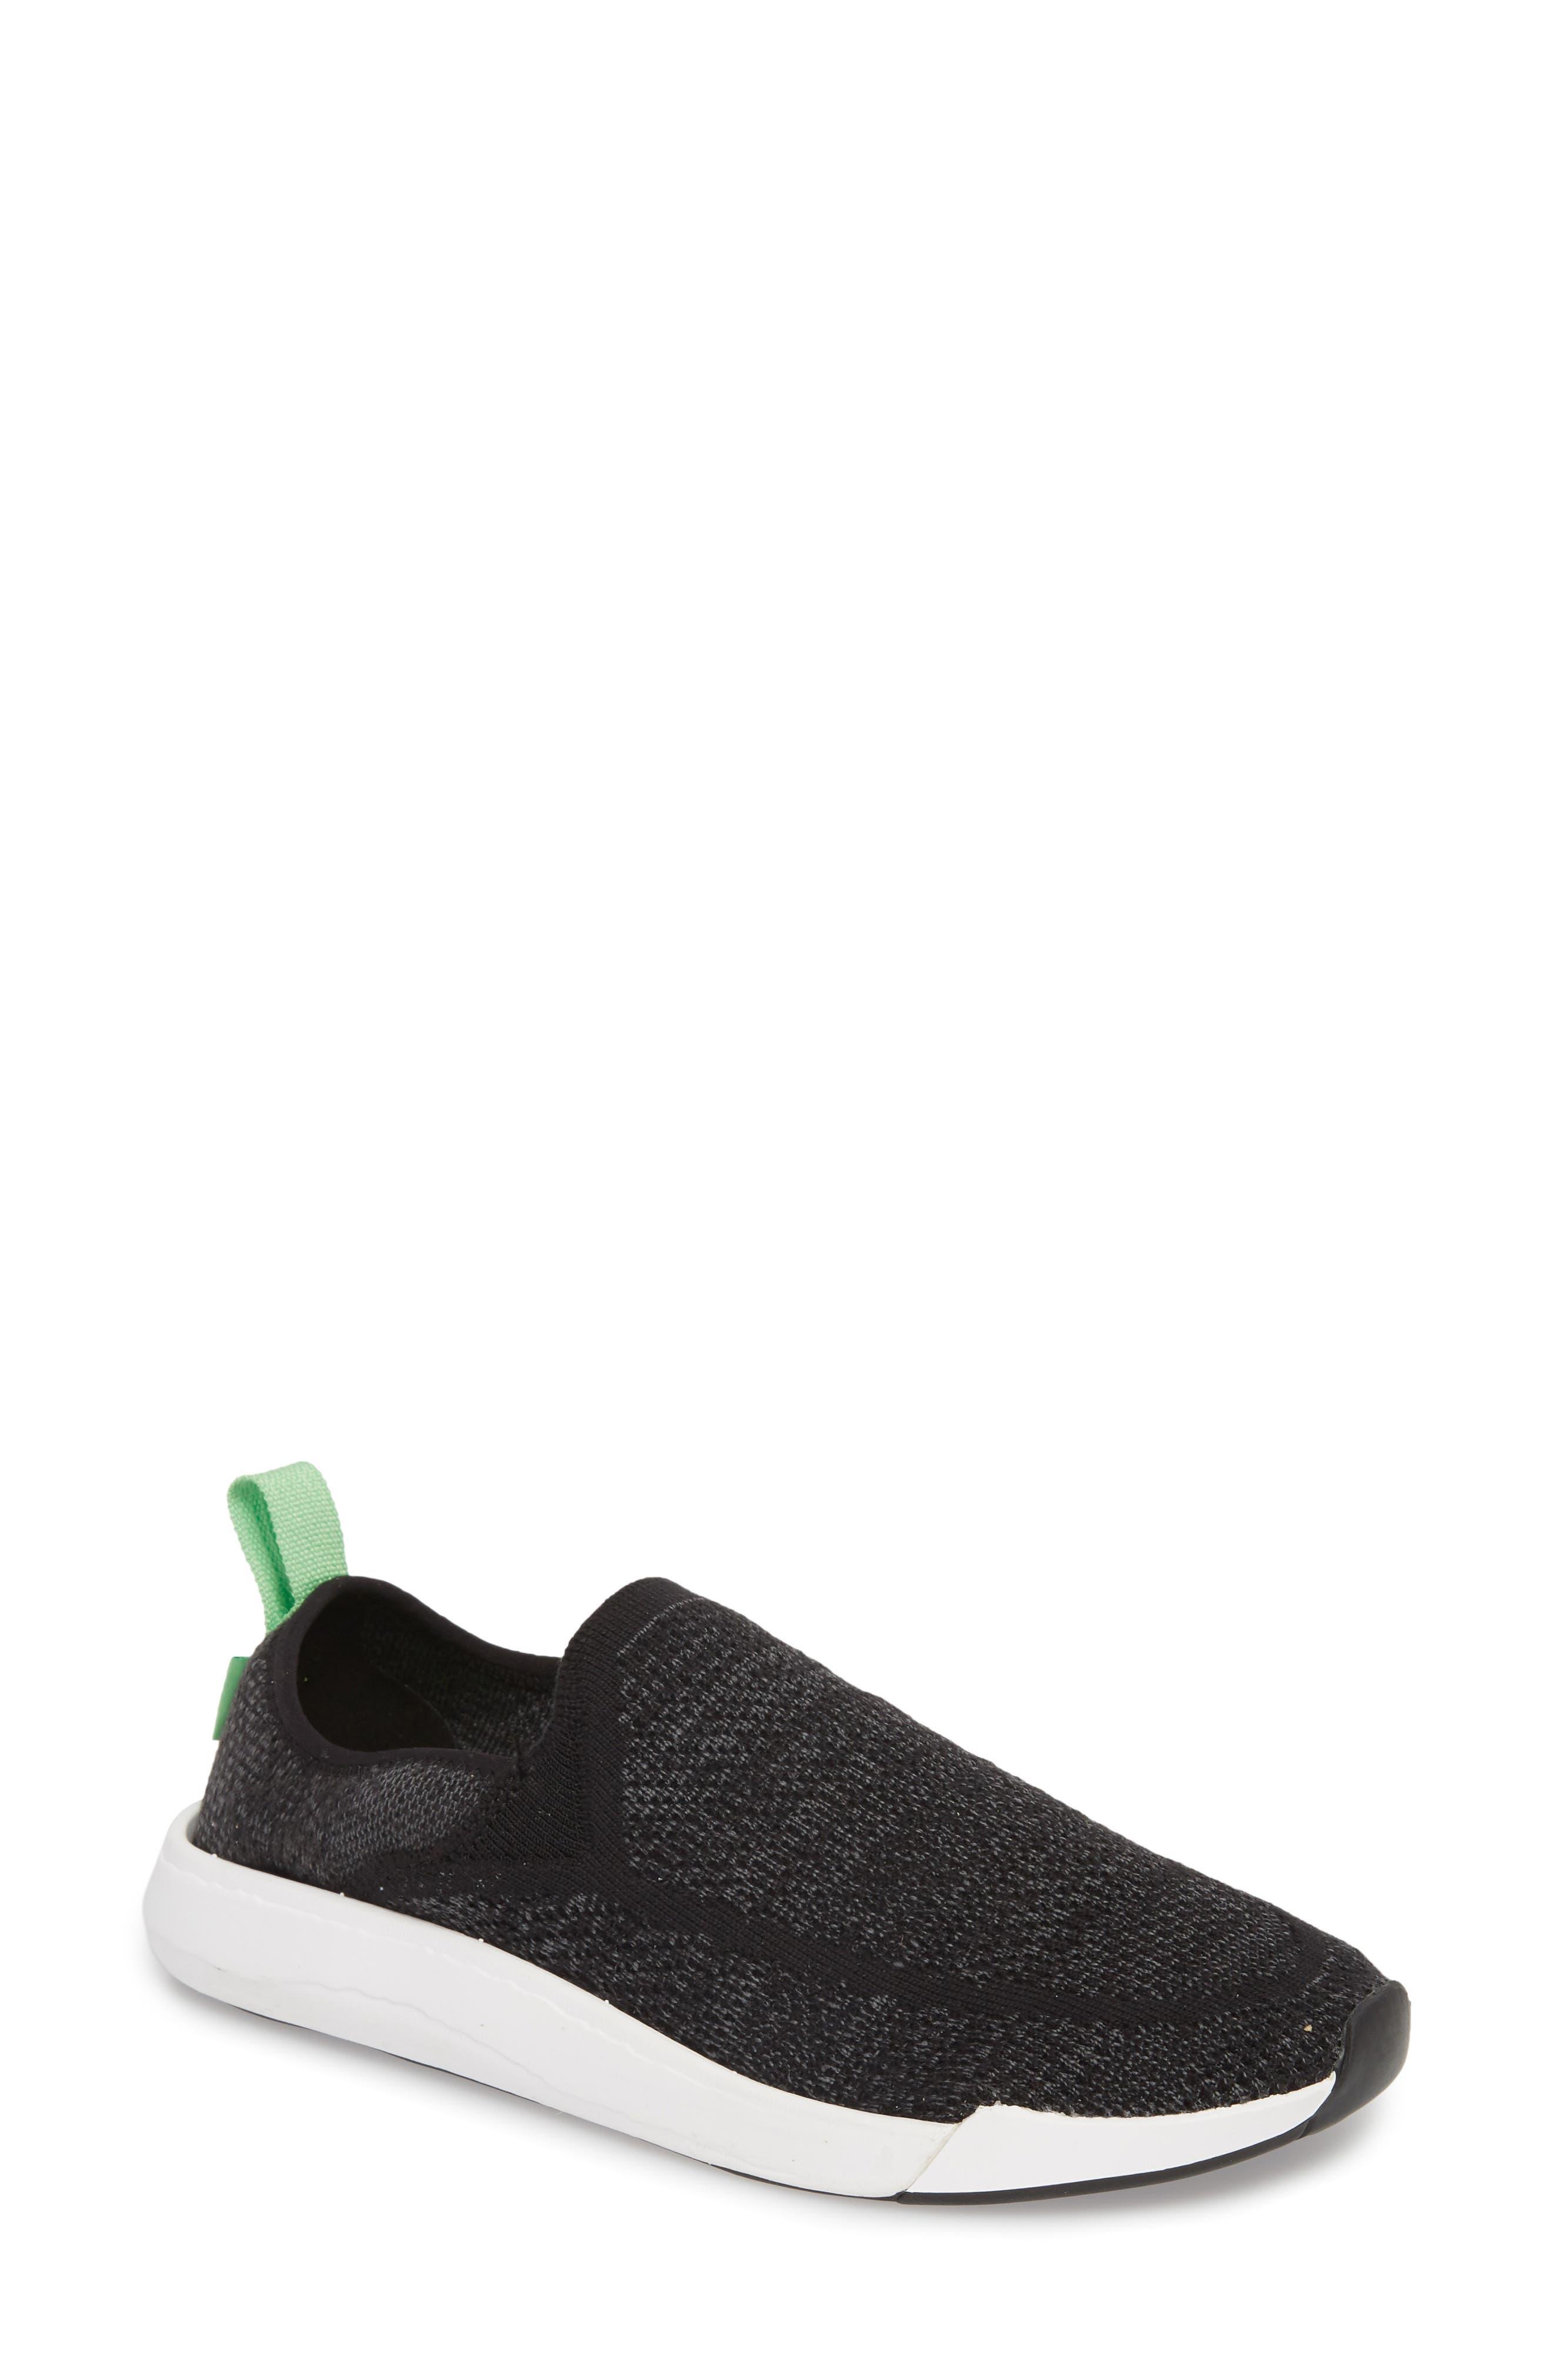 SANUK, Chiba Quest Knit Slip-On Sneaker, Main thumbnail 1, color, BLACK